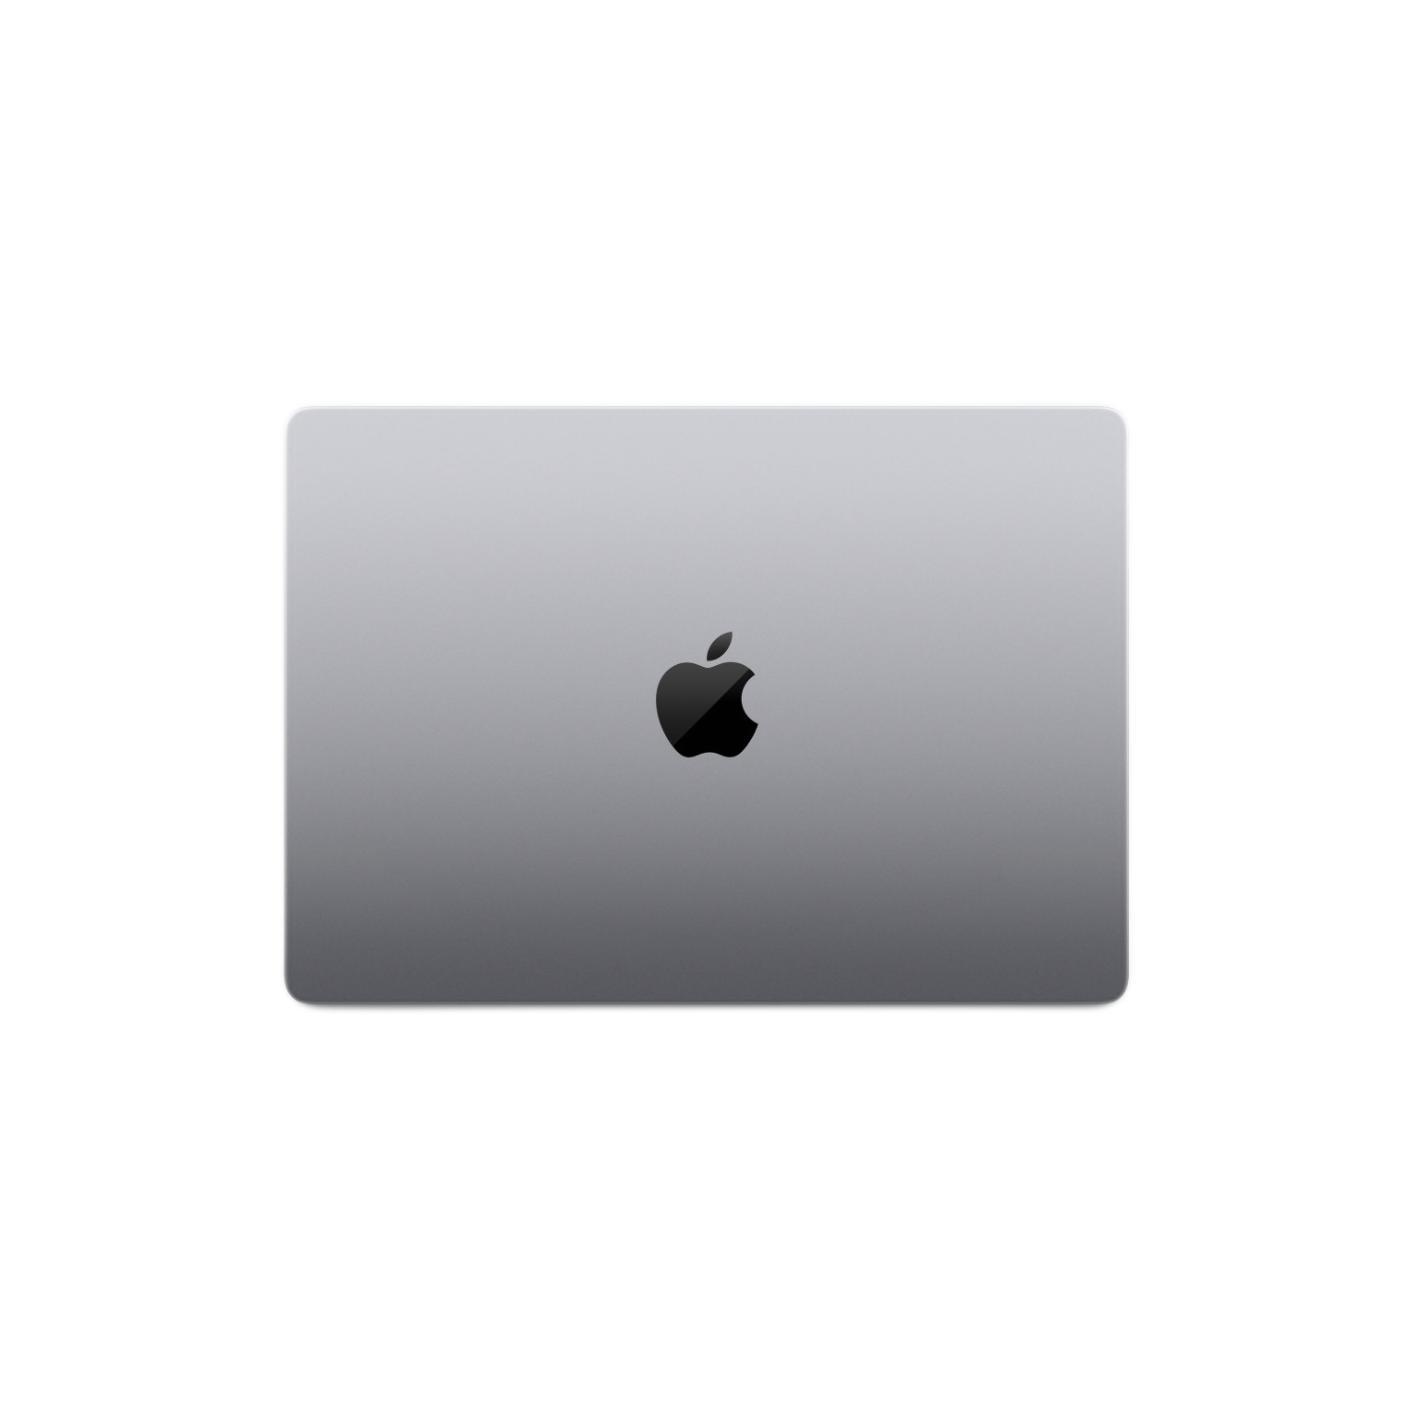 Apple 苹果 MacBook Pro 2021款 14英寸 轻薄本